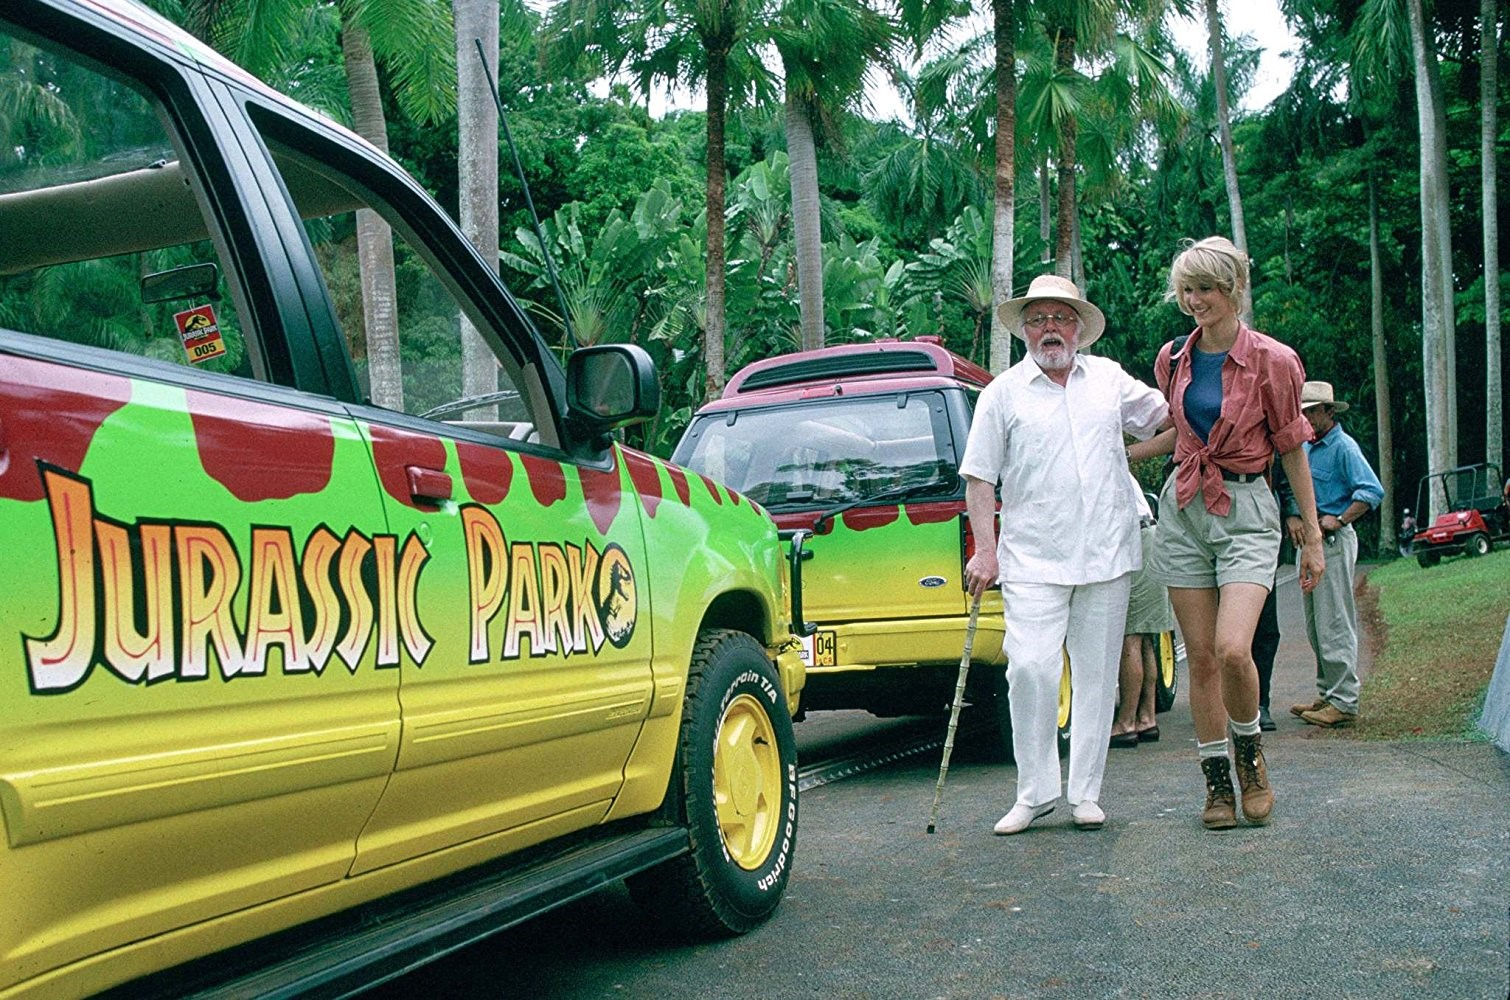 Jurassic Park: Ford Explorer